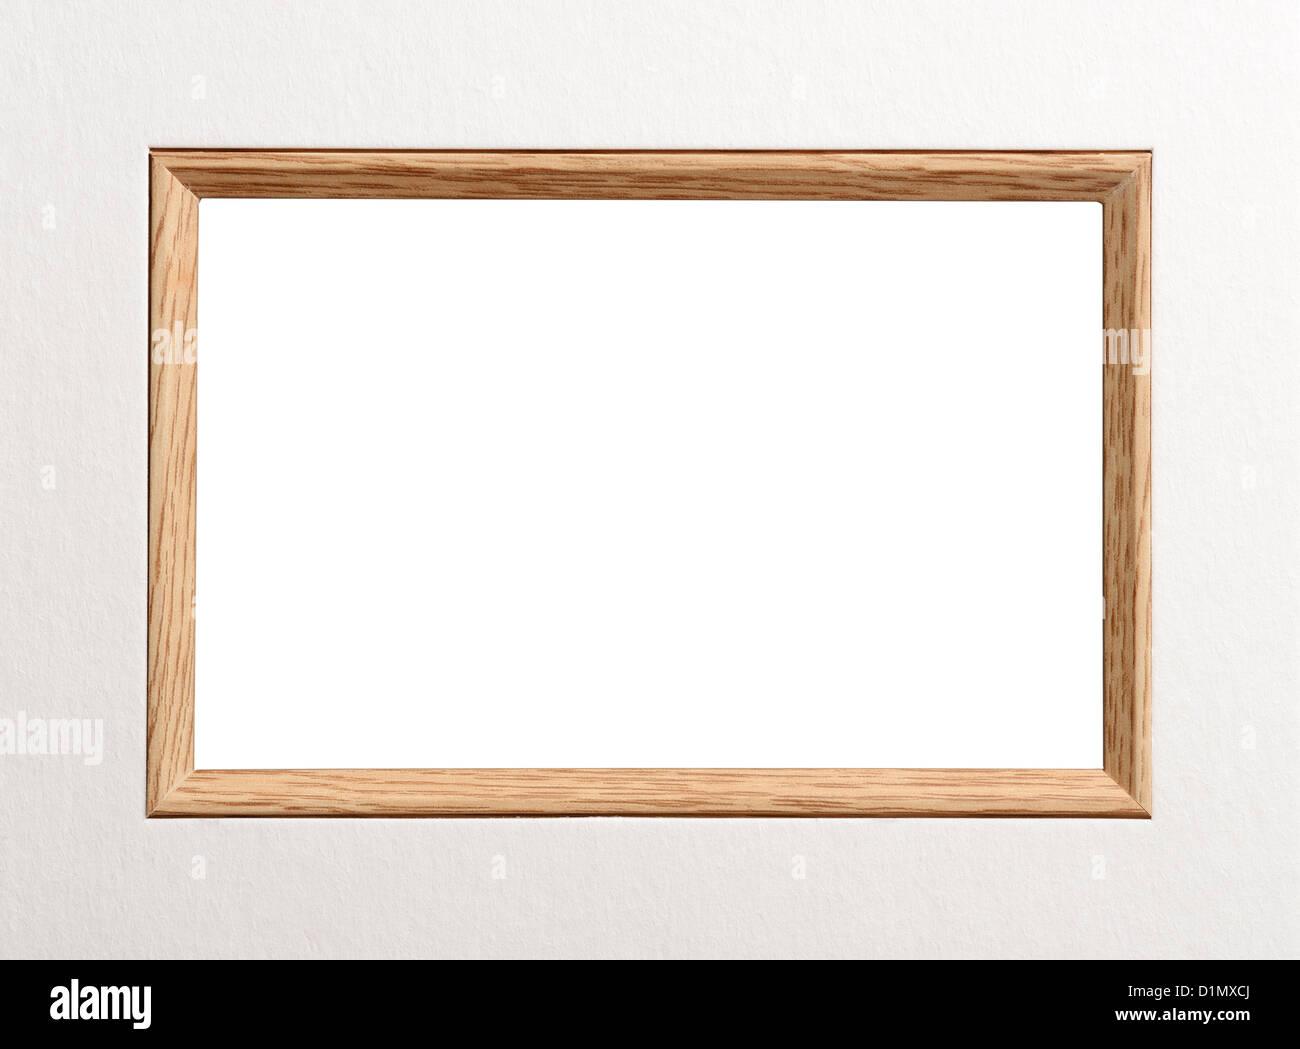 Ventana de marco de madera para fotografías Imagen De Stock